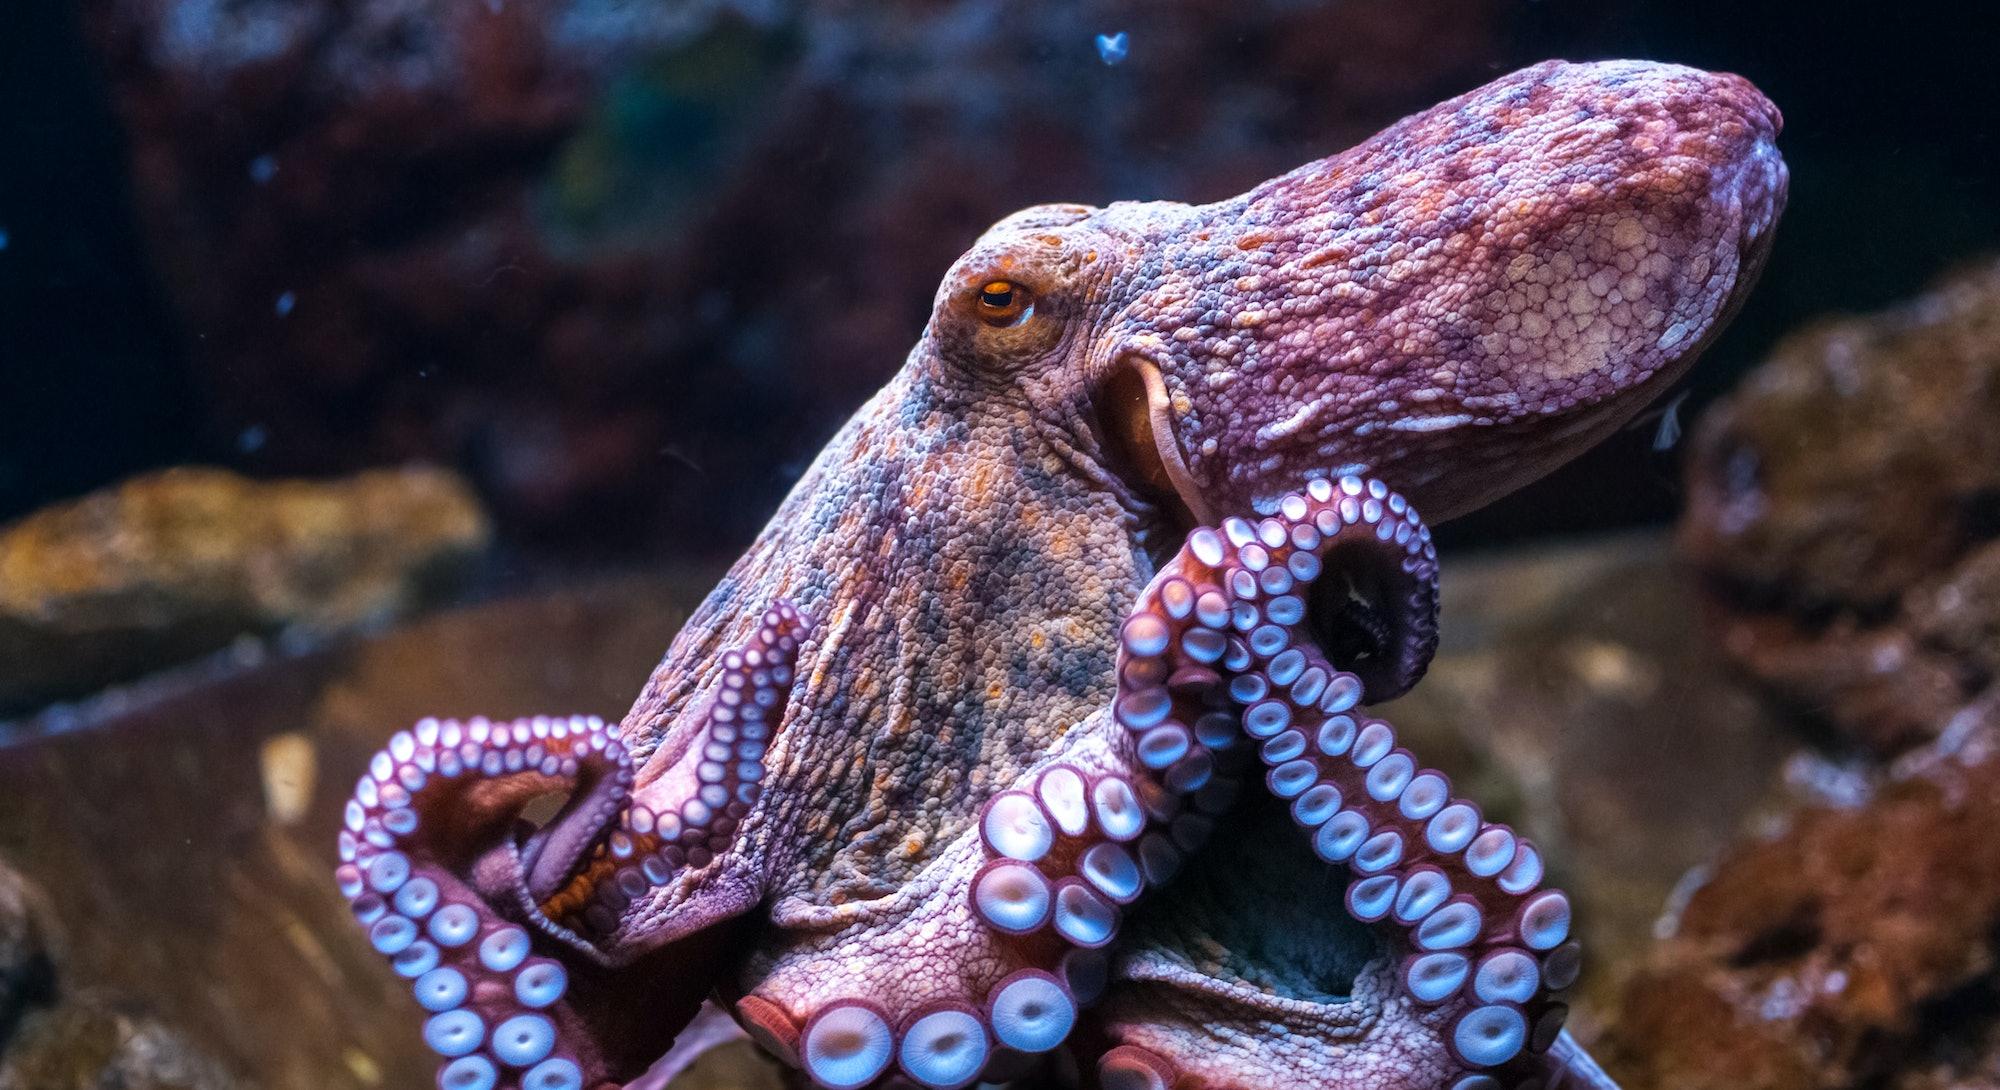 Octopus in water